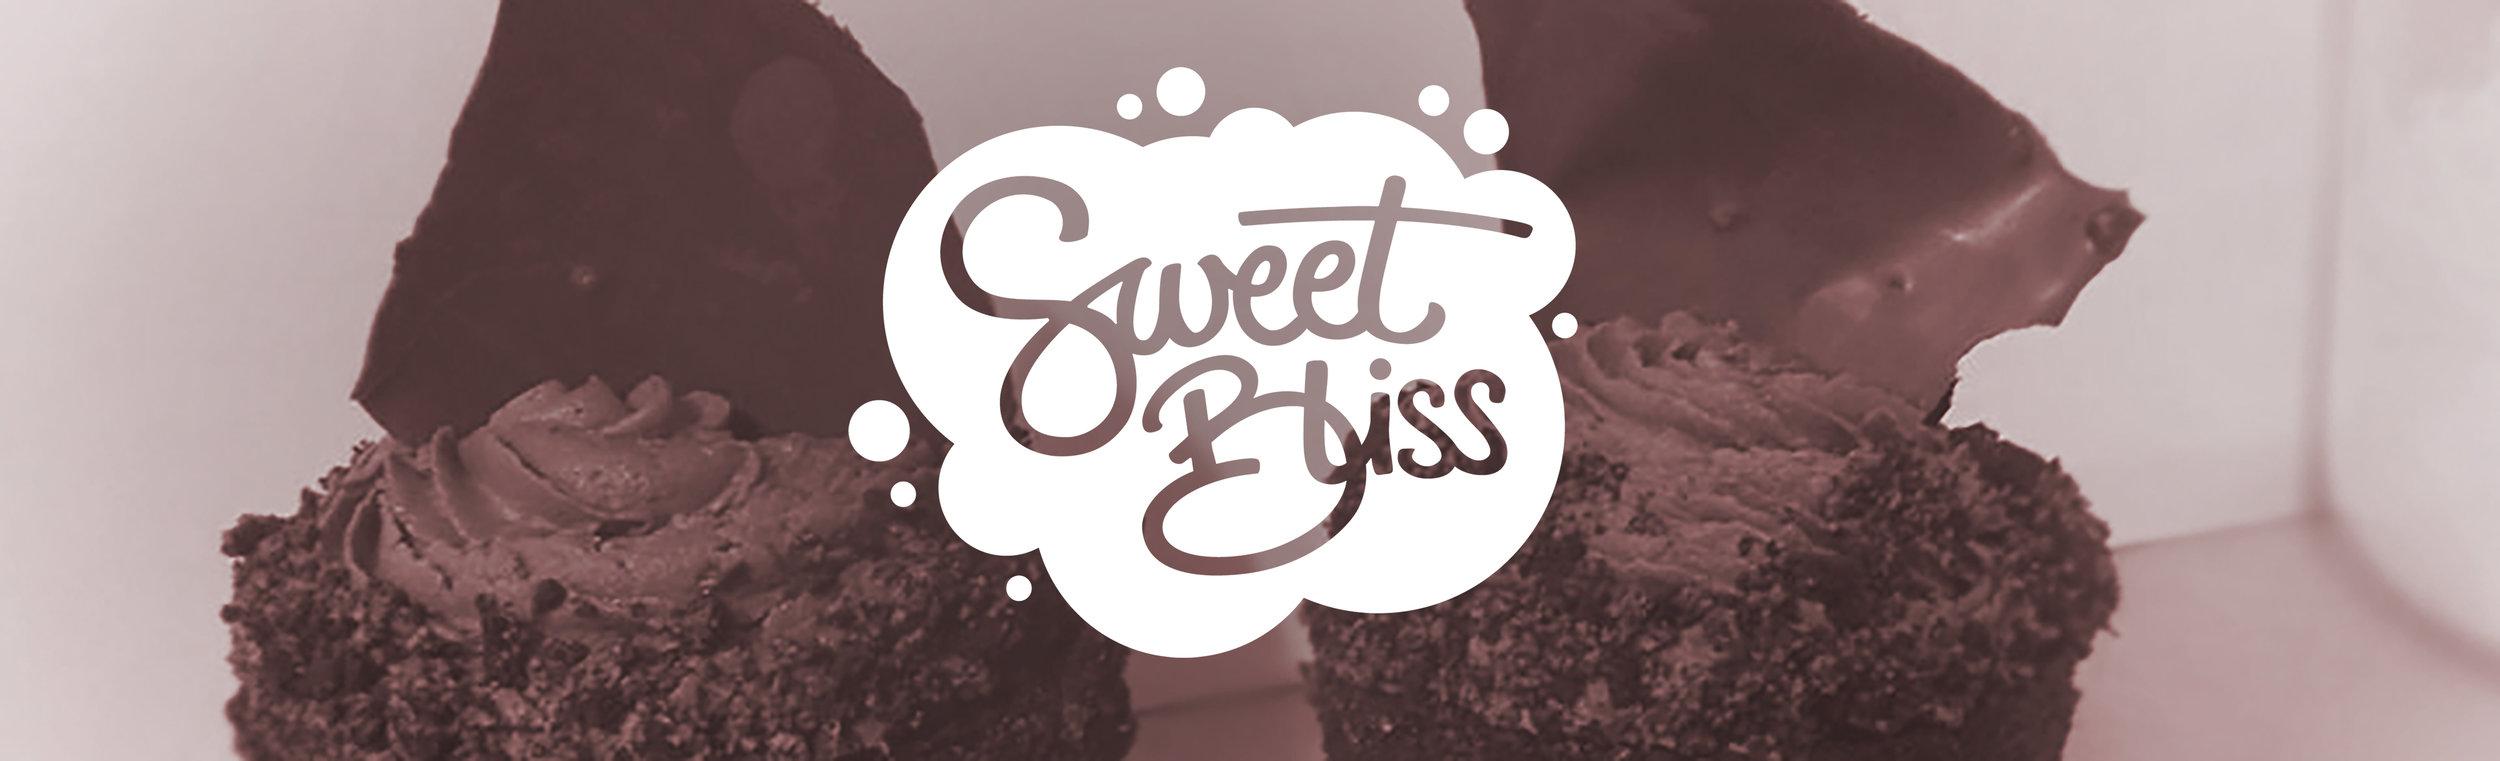 SWEET BLISS BAKERY    Branding, Illustration and Web Design    August 2015